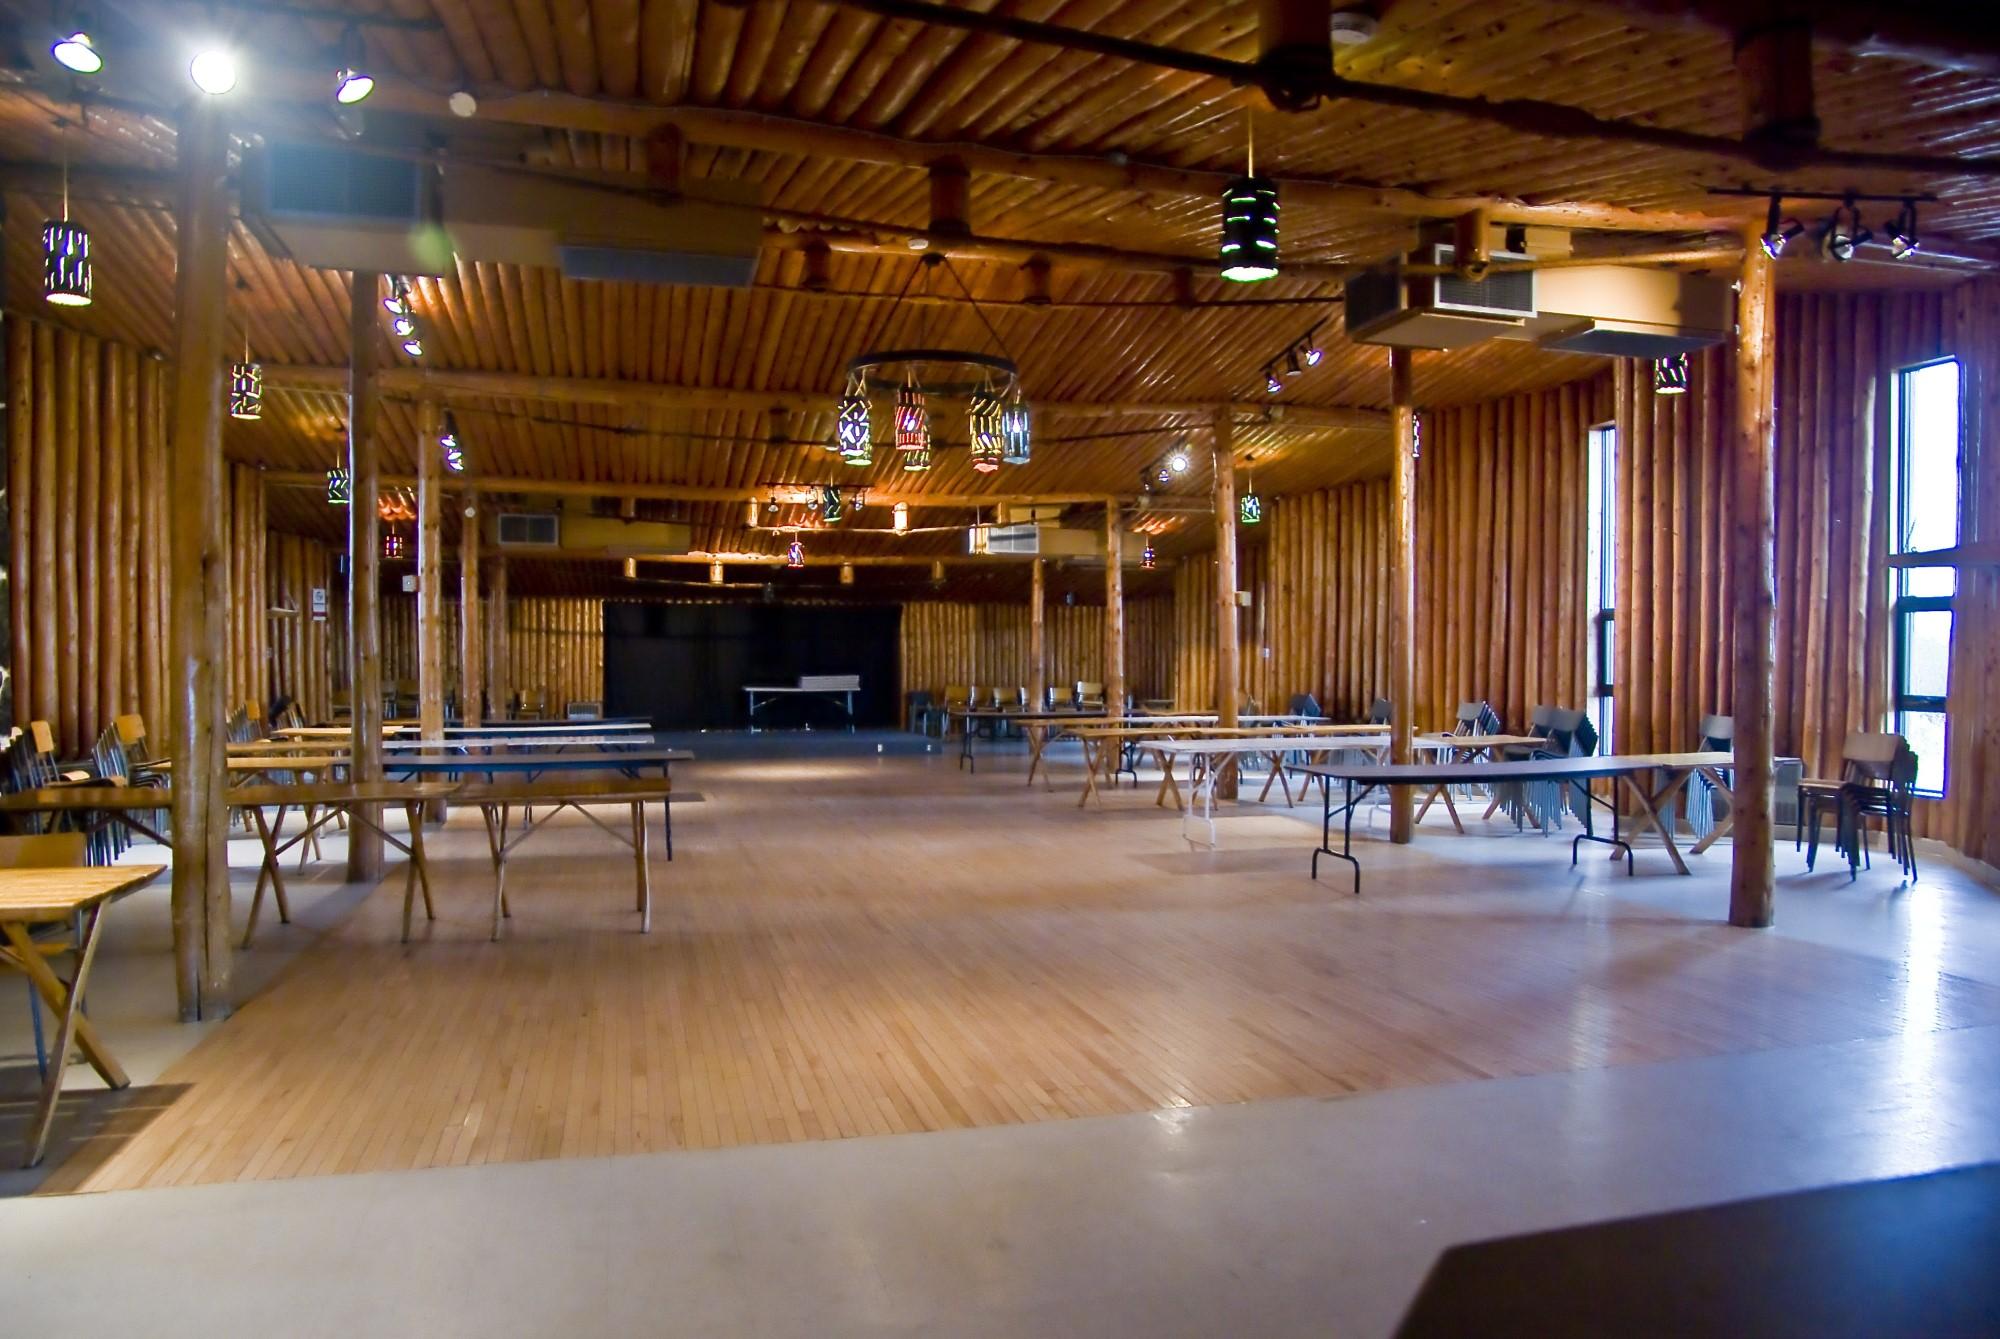 intérieur salle rondin st-nazaire construction bois